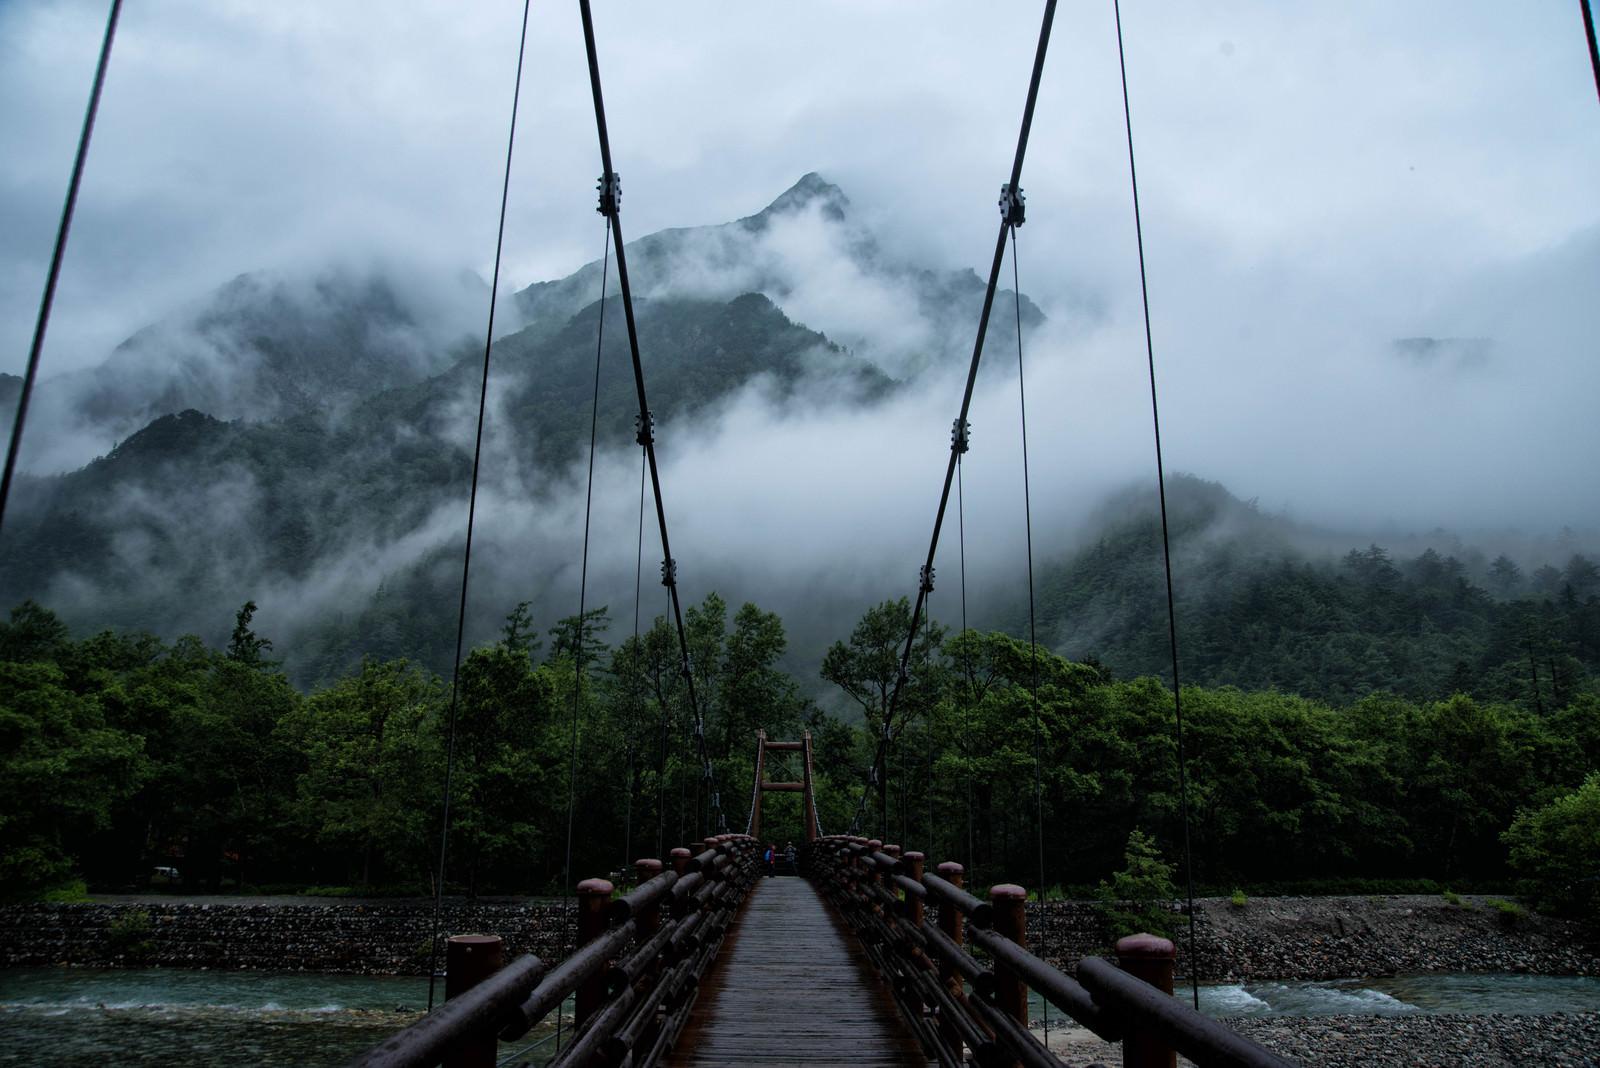 「雨の明神橋と朝霧の明神岳(上高地)」の写真